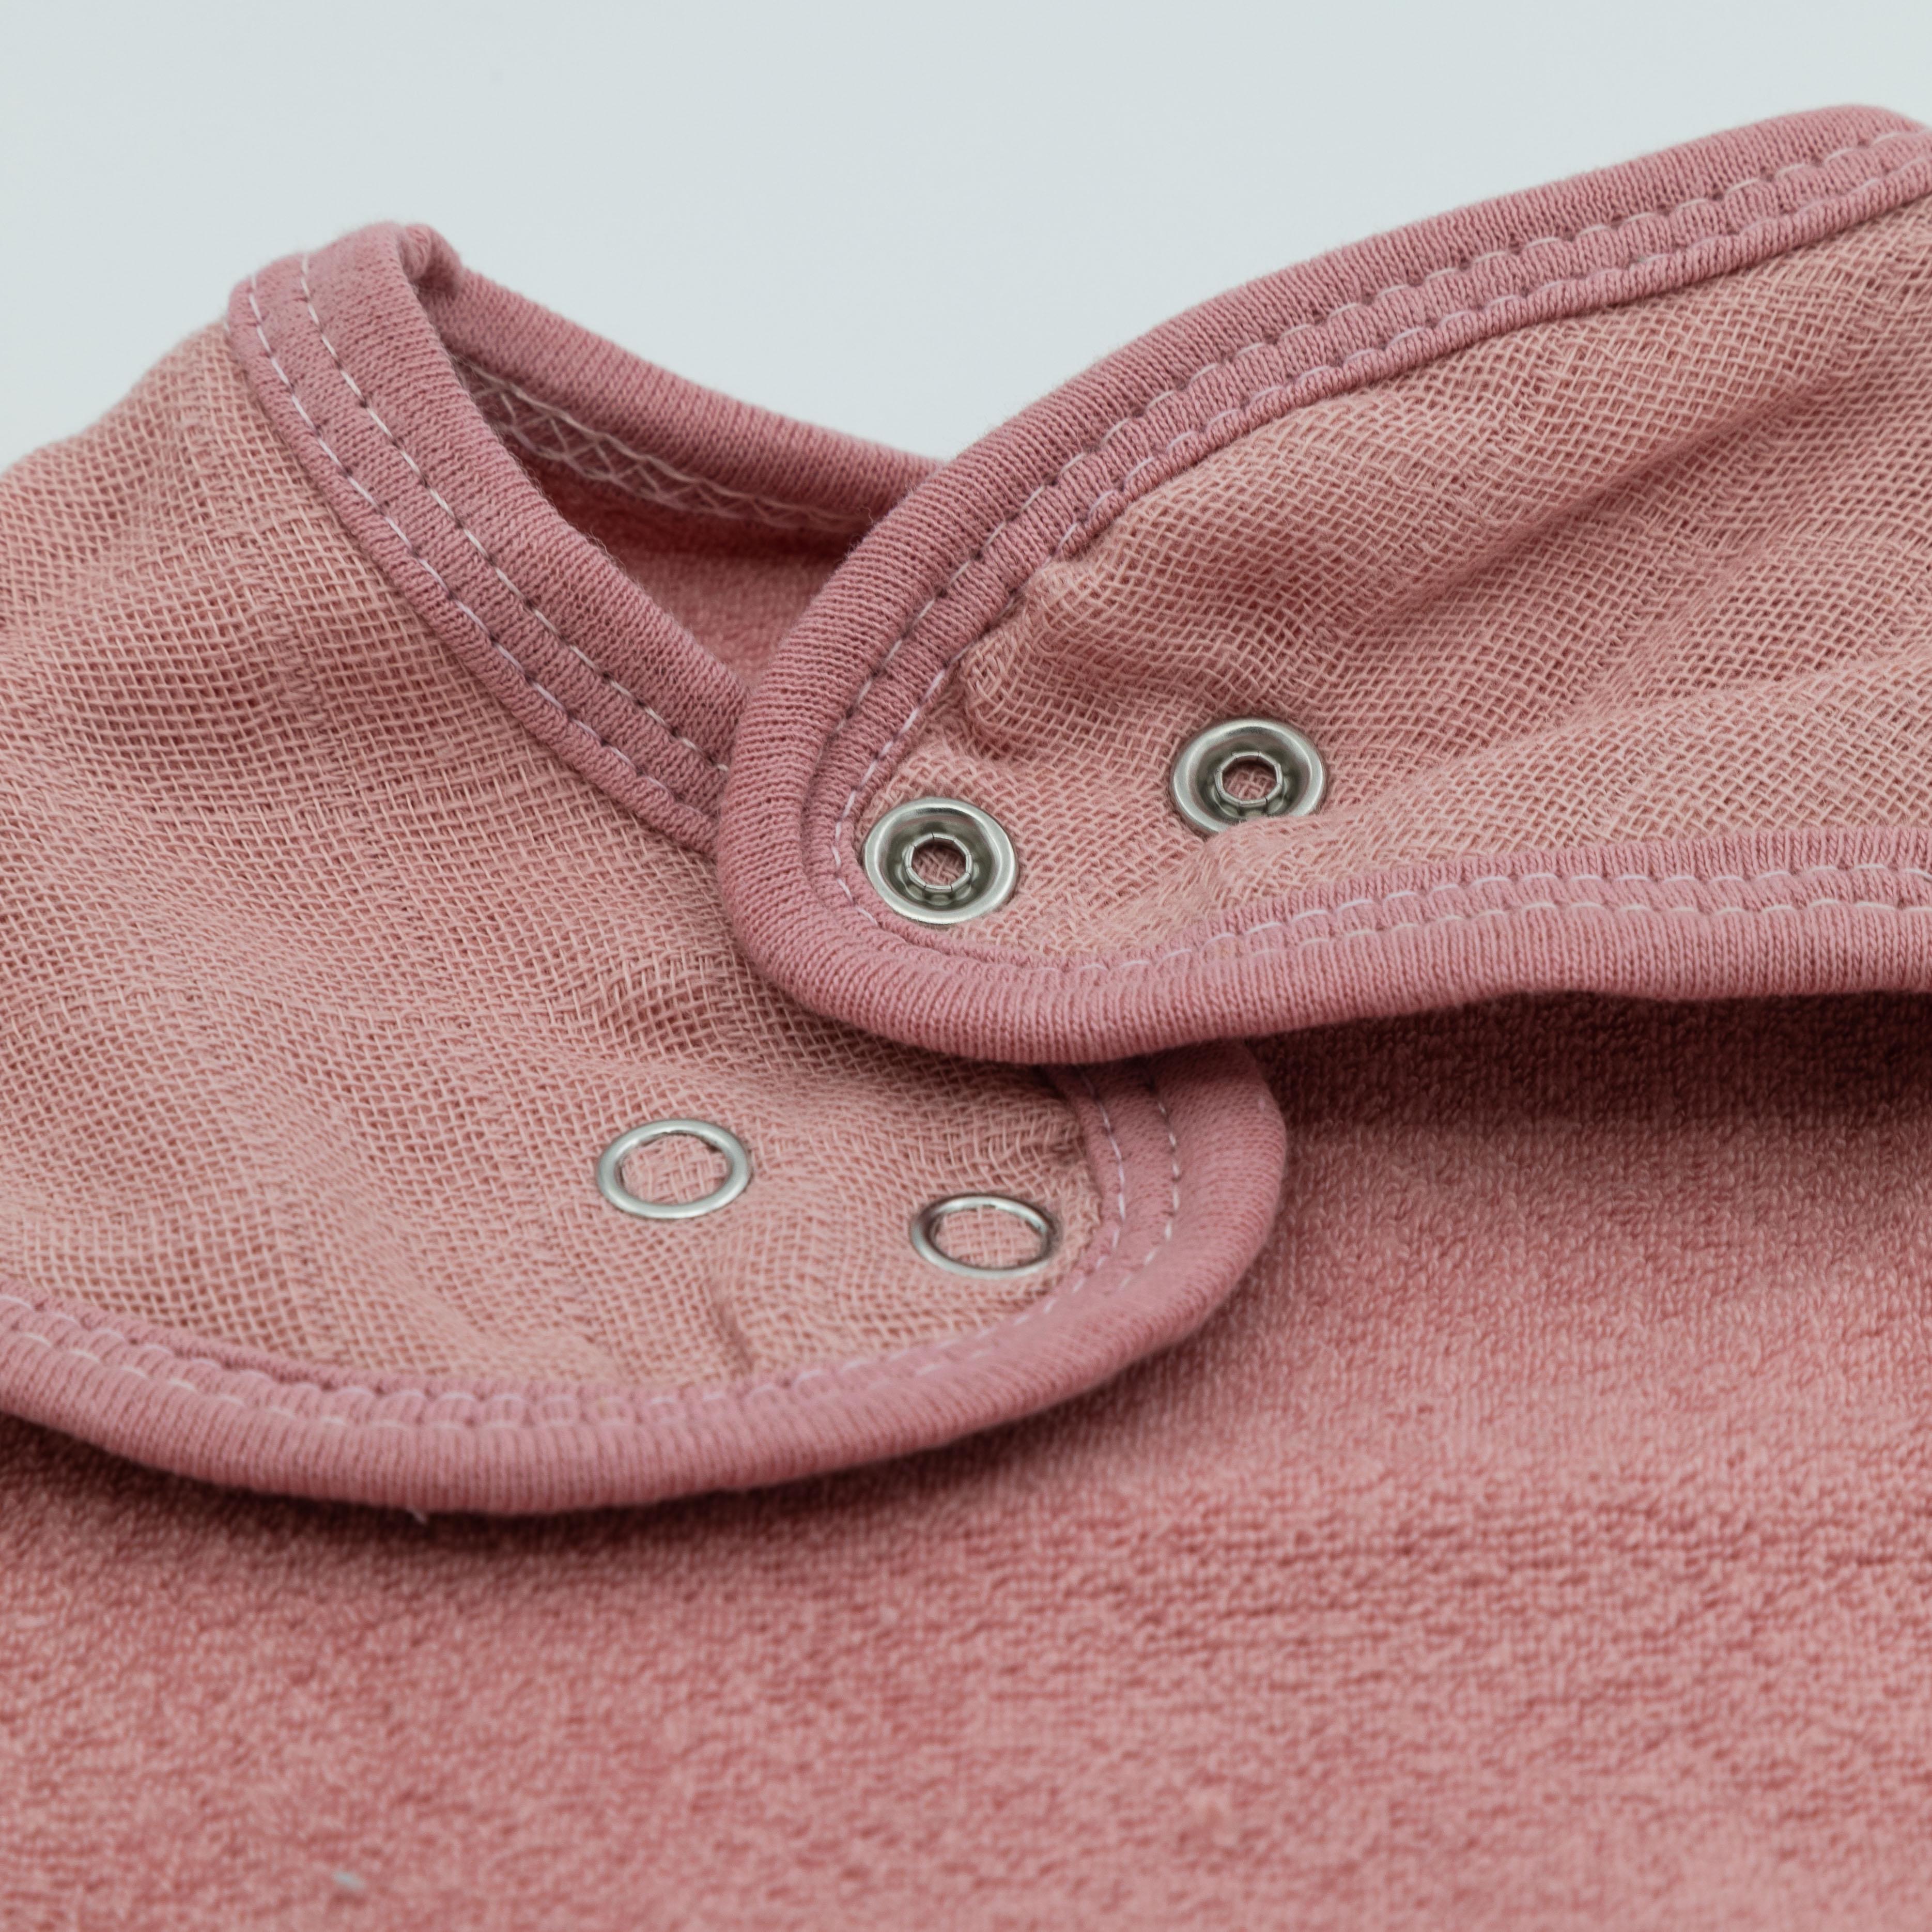 Druckknöpfe von Dreieckstuch in rosa.